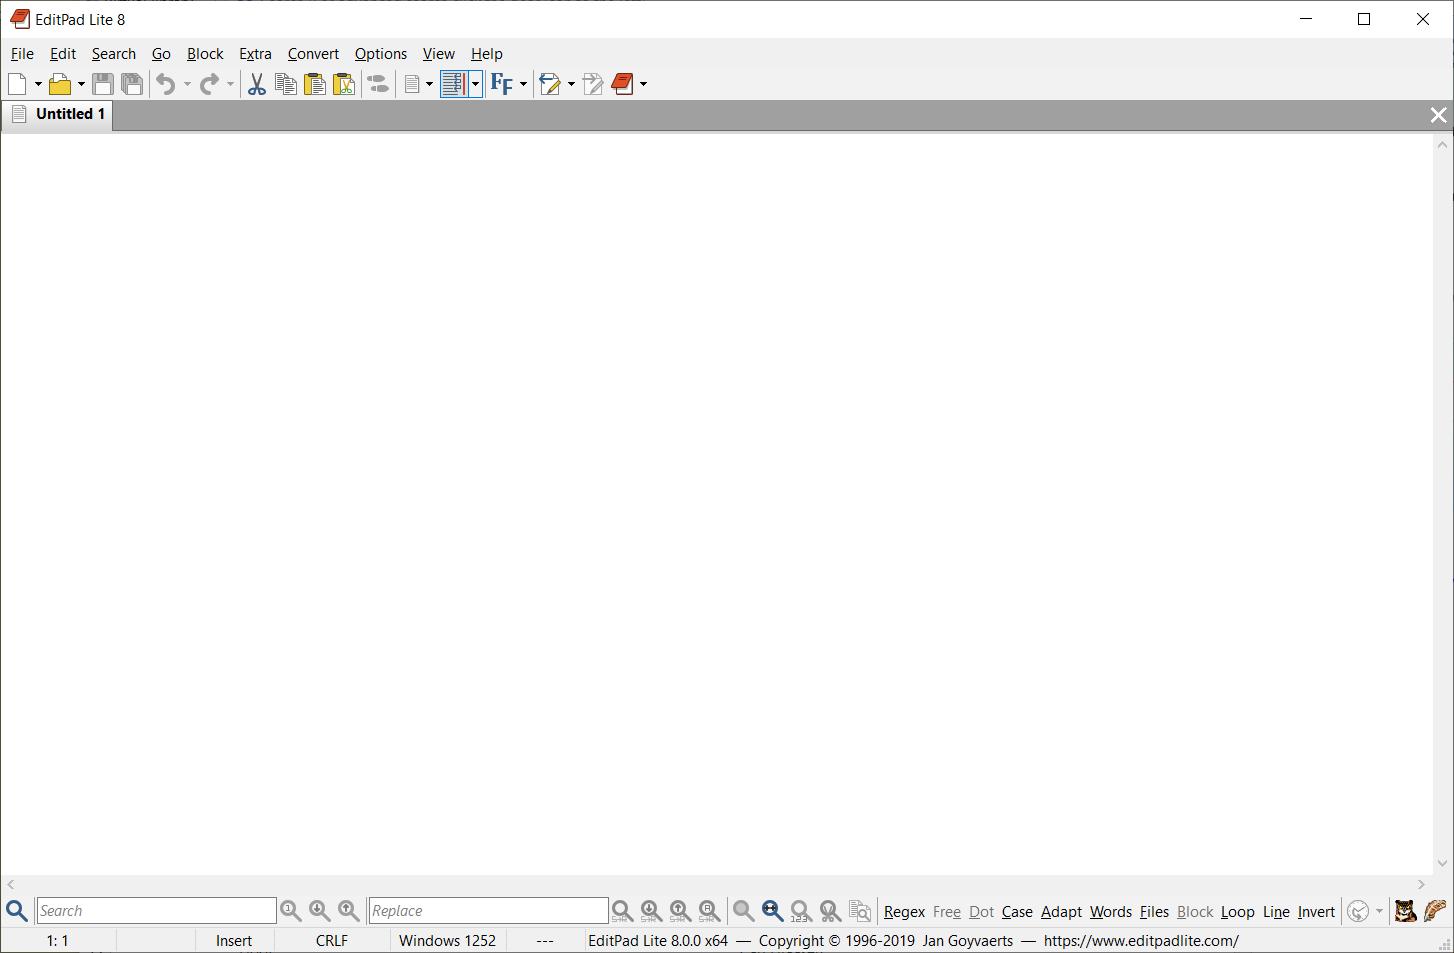 EditPad Lite 8.0